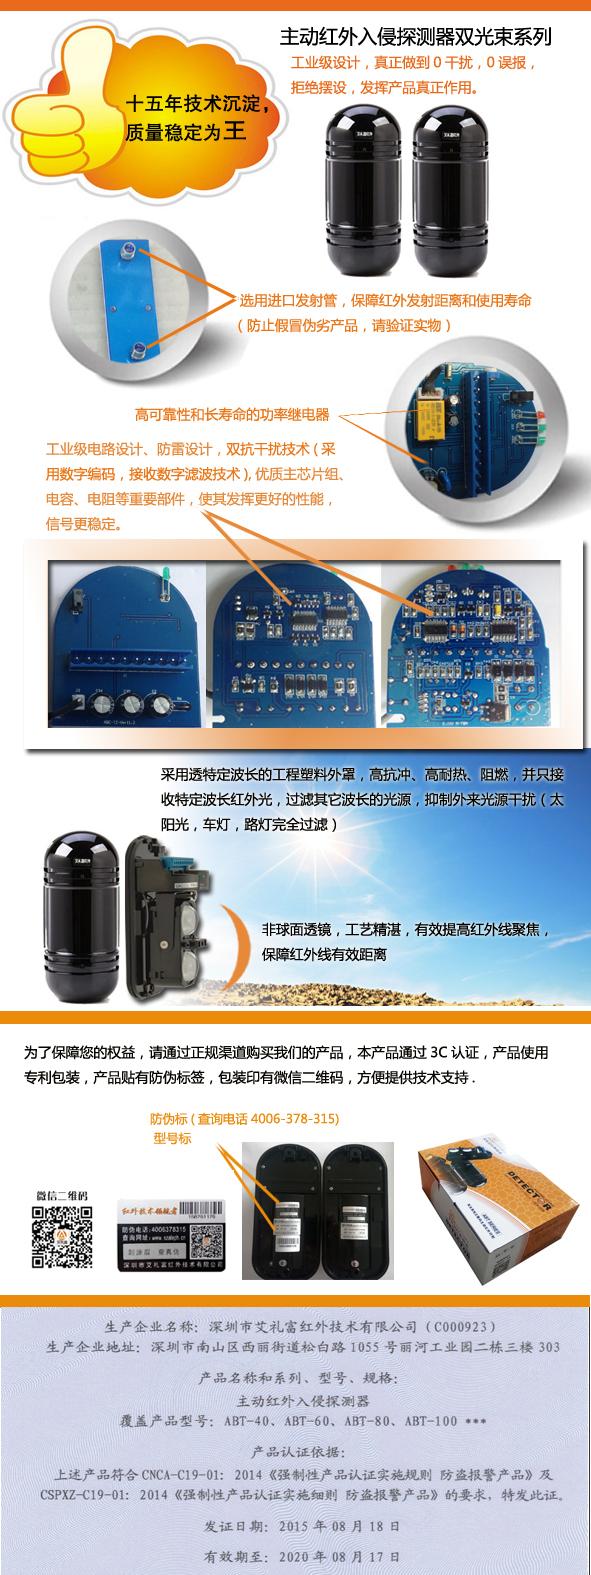 纯正数码dsp芯片控制电路,通过dsp芯片编程发射与接收,大功率红外